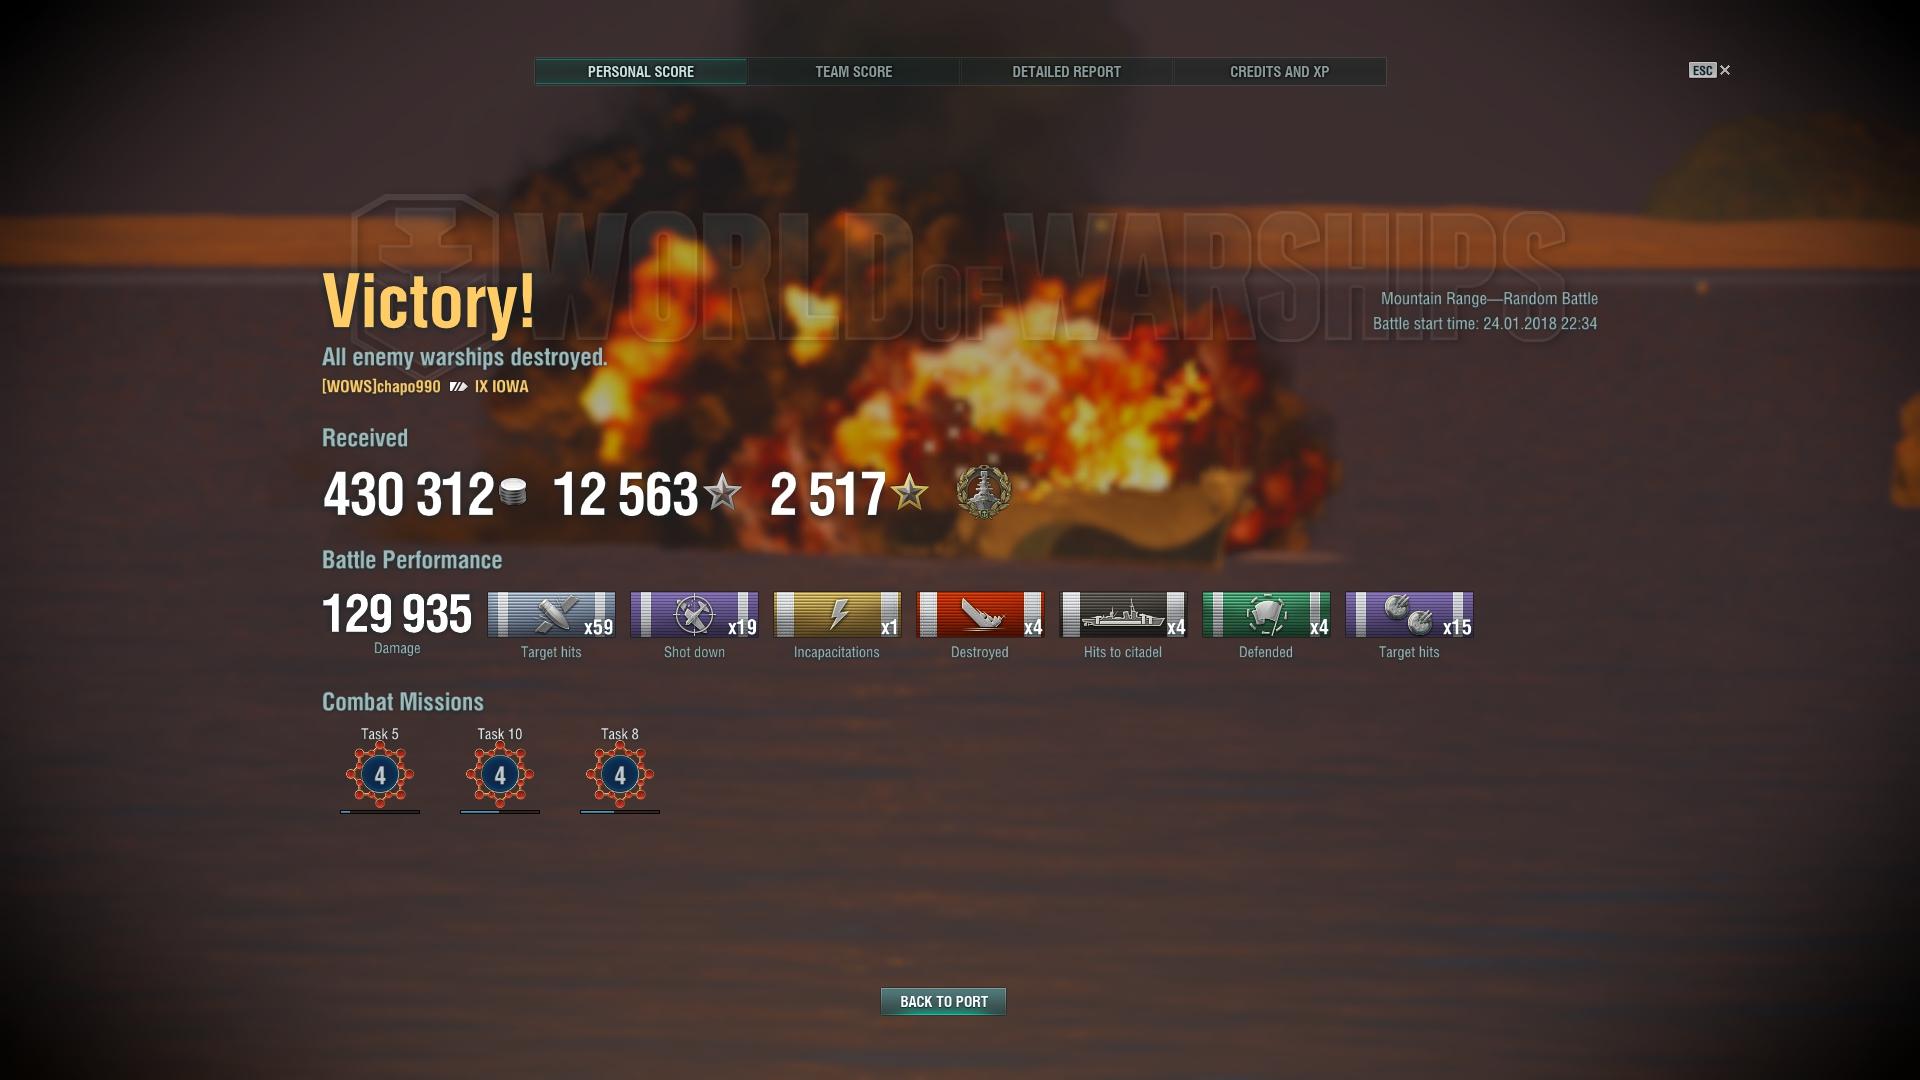 shot-18.01.24_22.51.58-0673.jpg